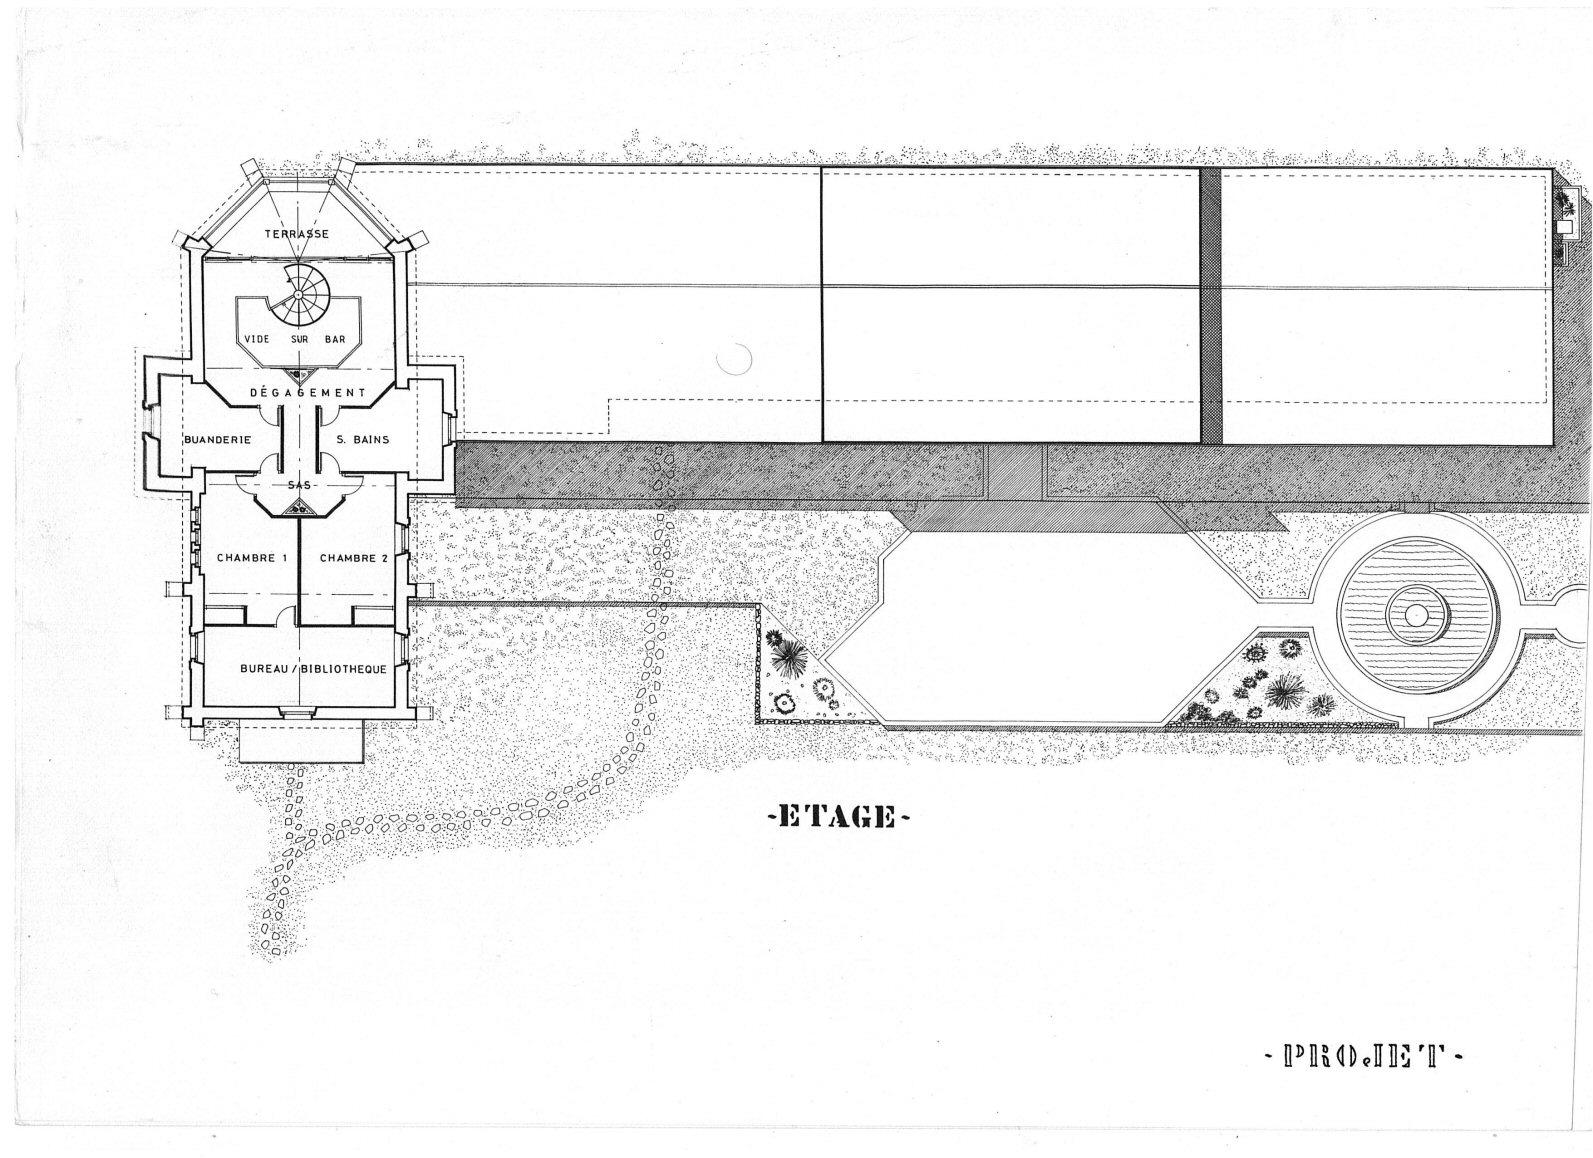 5 - état des lieux étage Bâtisse pour Séminaire (32) - Architecte Jean-Marc Ritondo